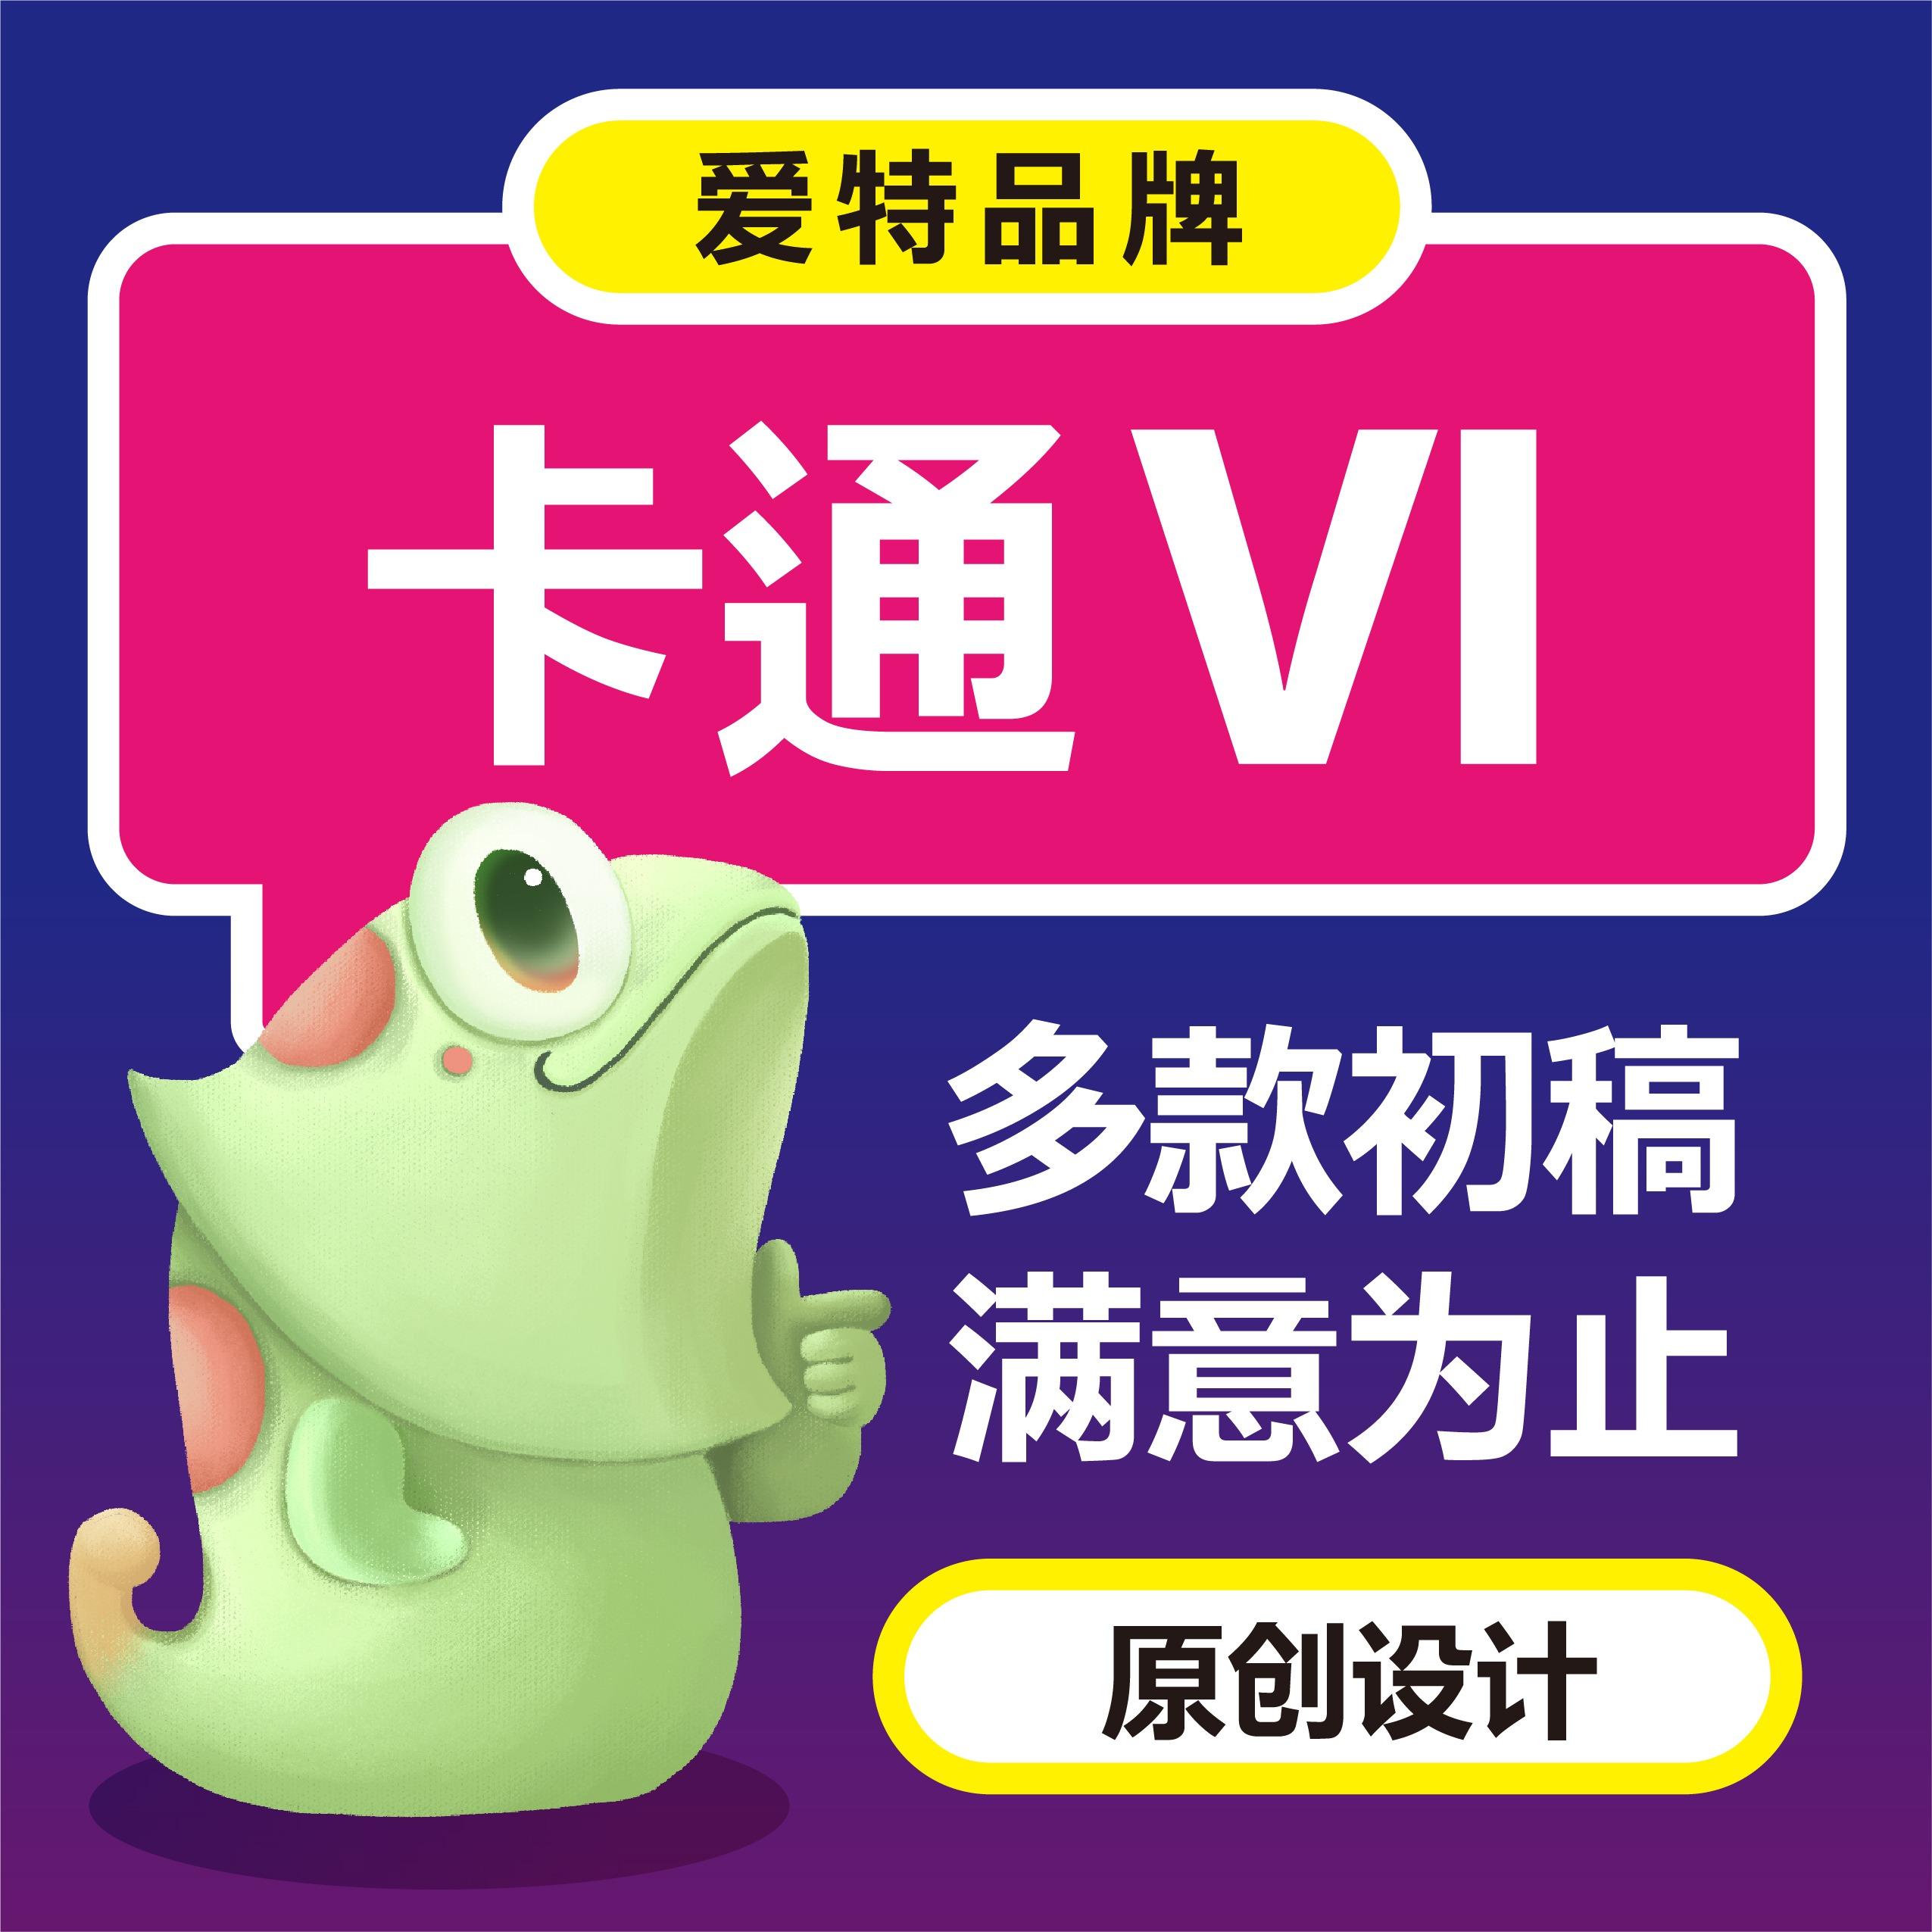 卡通 logo手绘设计公仔玩偶设计 形象 打造IP 形象 动漫人物vi